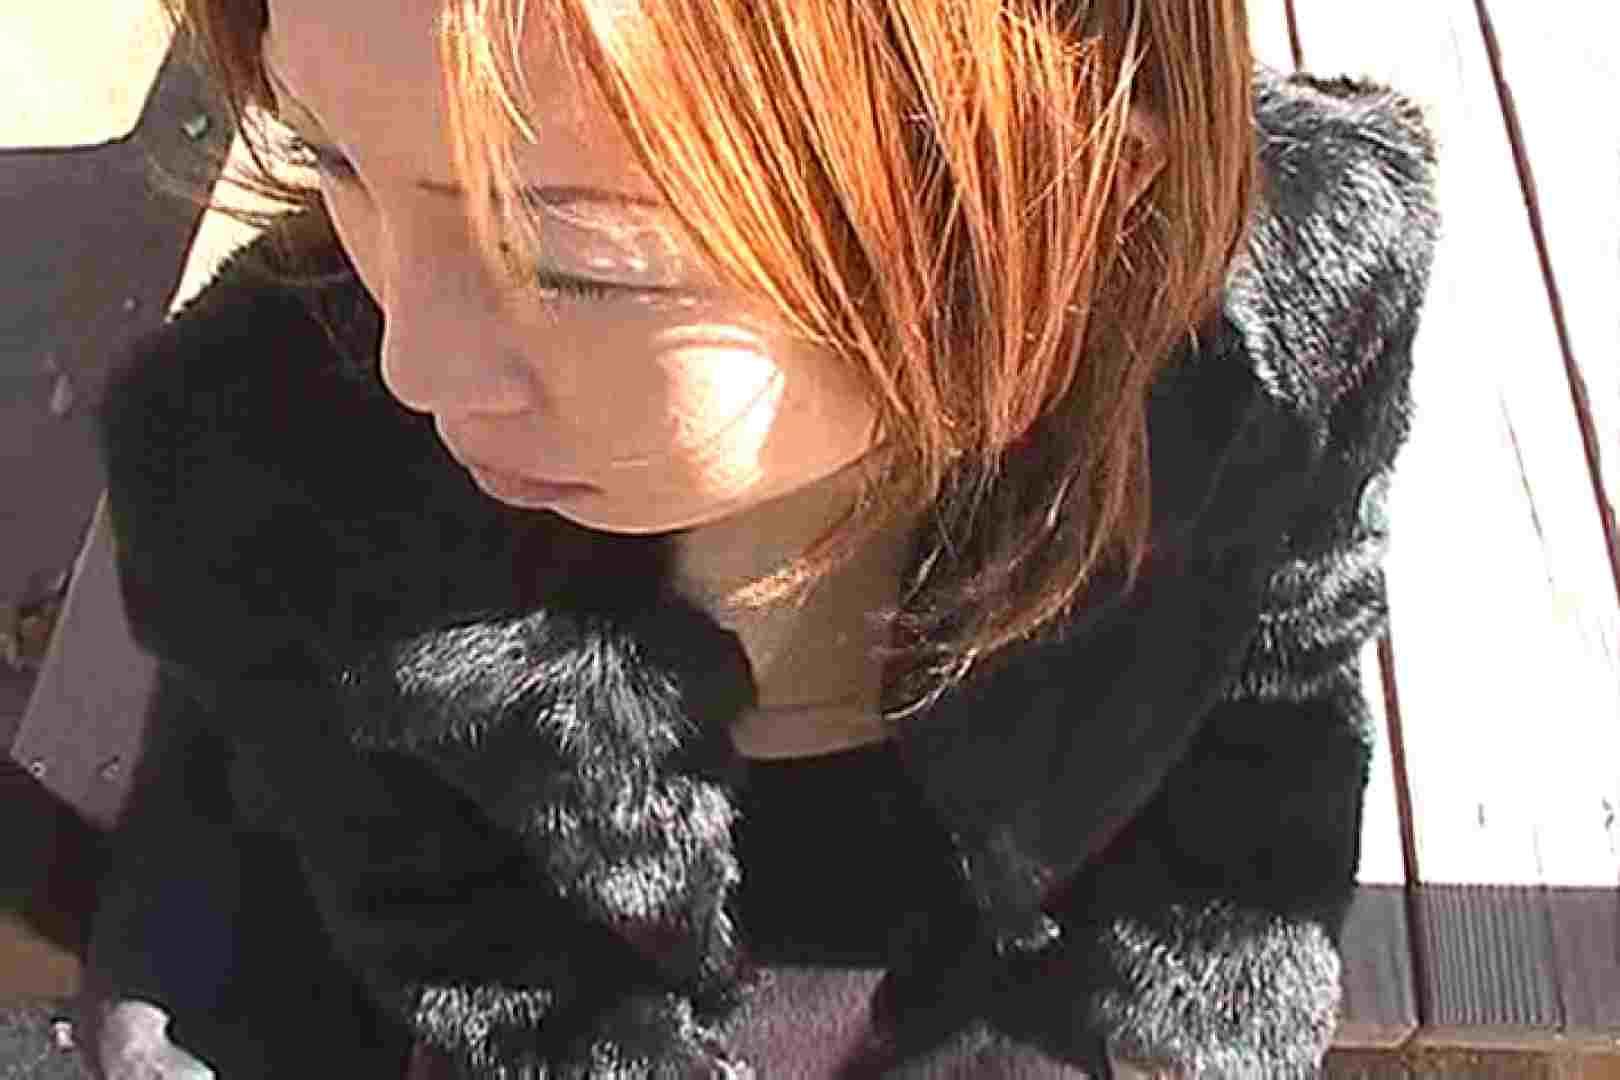 胸の隙間にご用心Vol.4 チラ アダルト動画キャプチャ 93画像 66